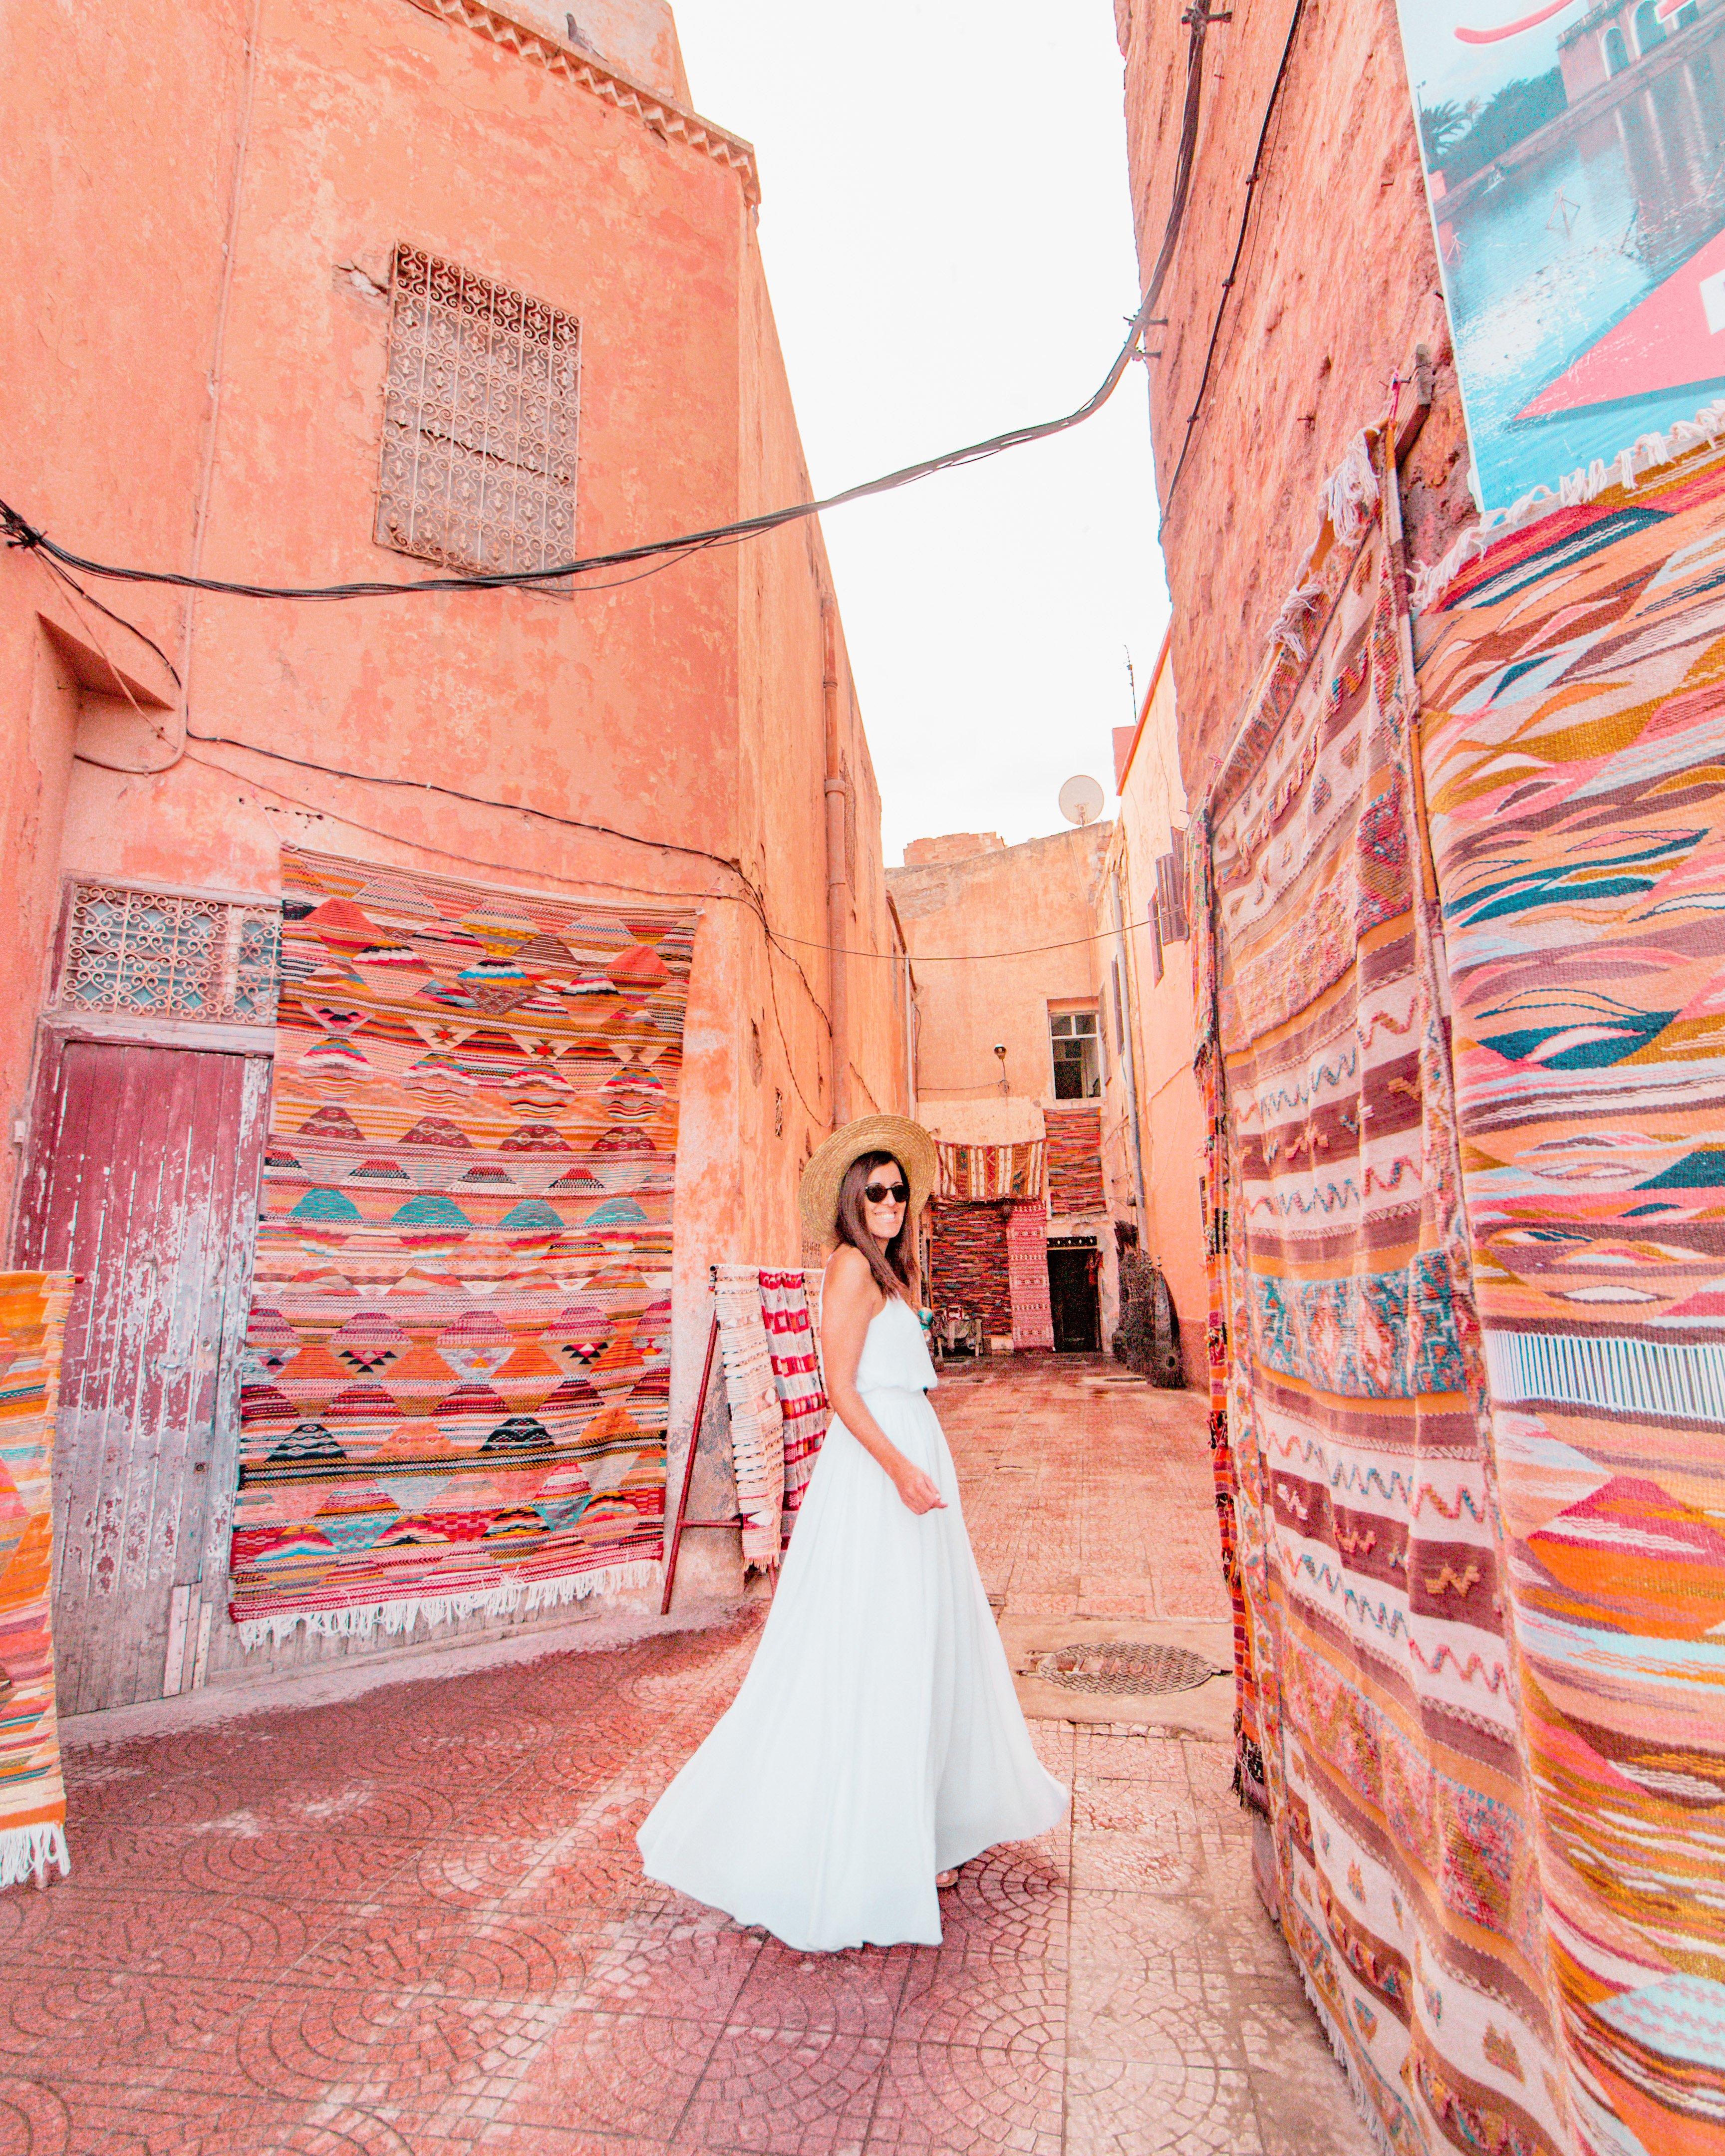 Rug wall Marrakech